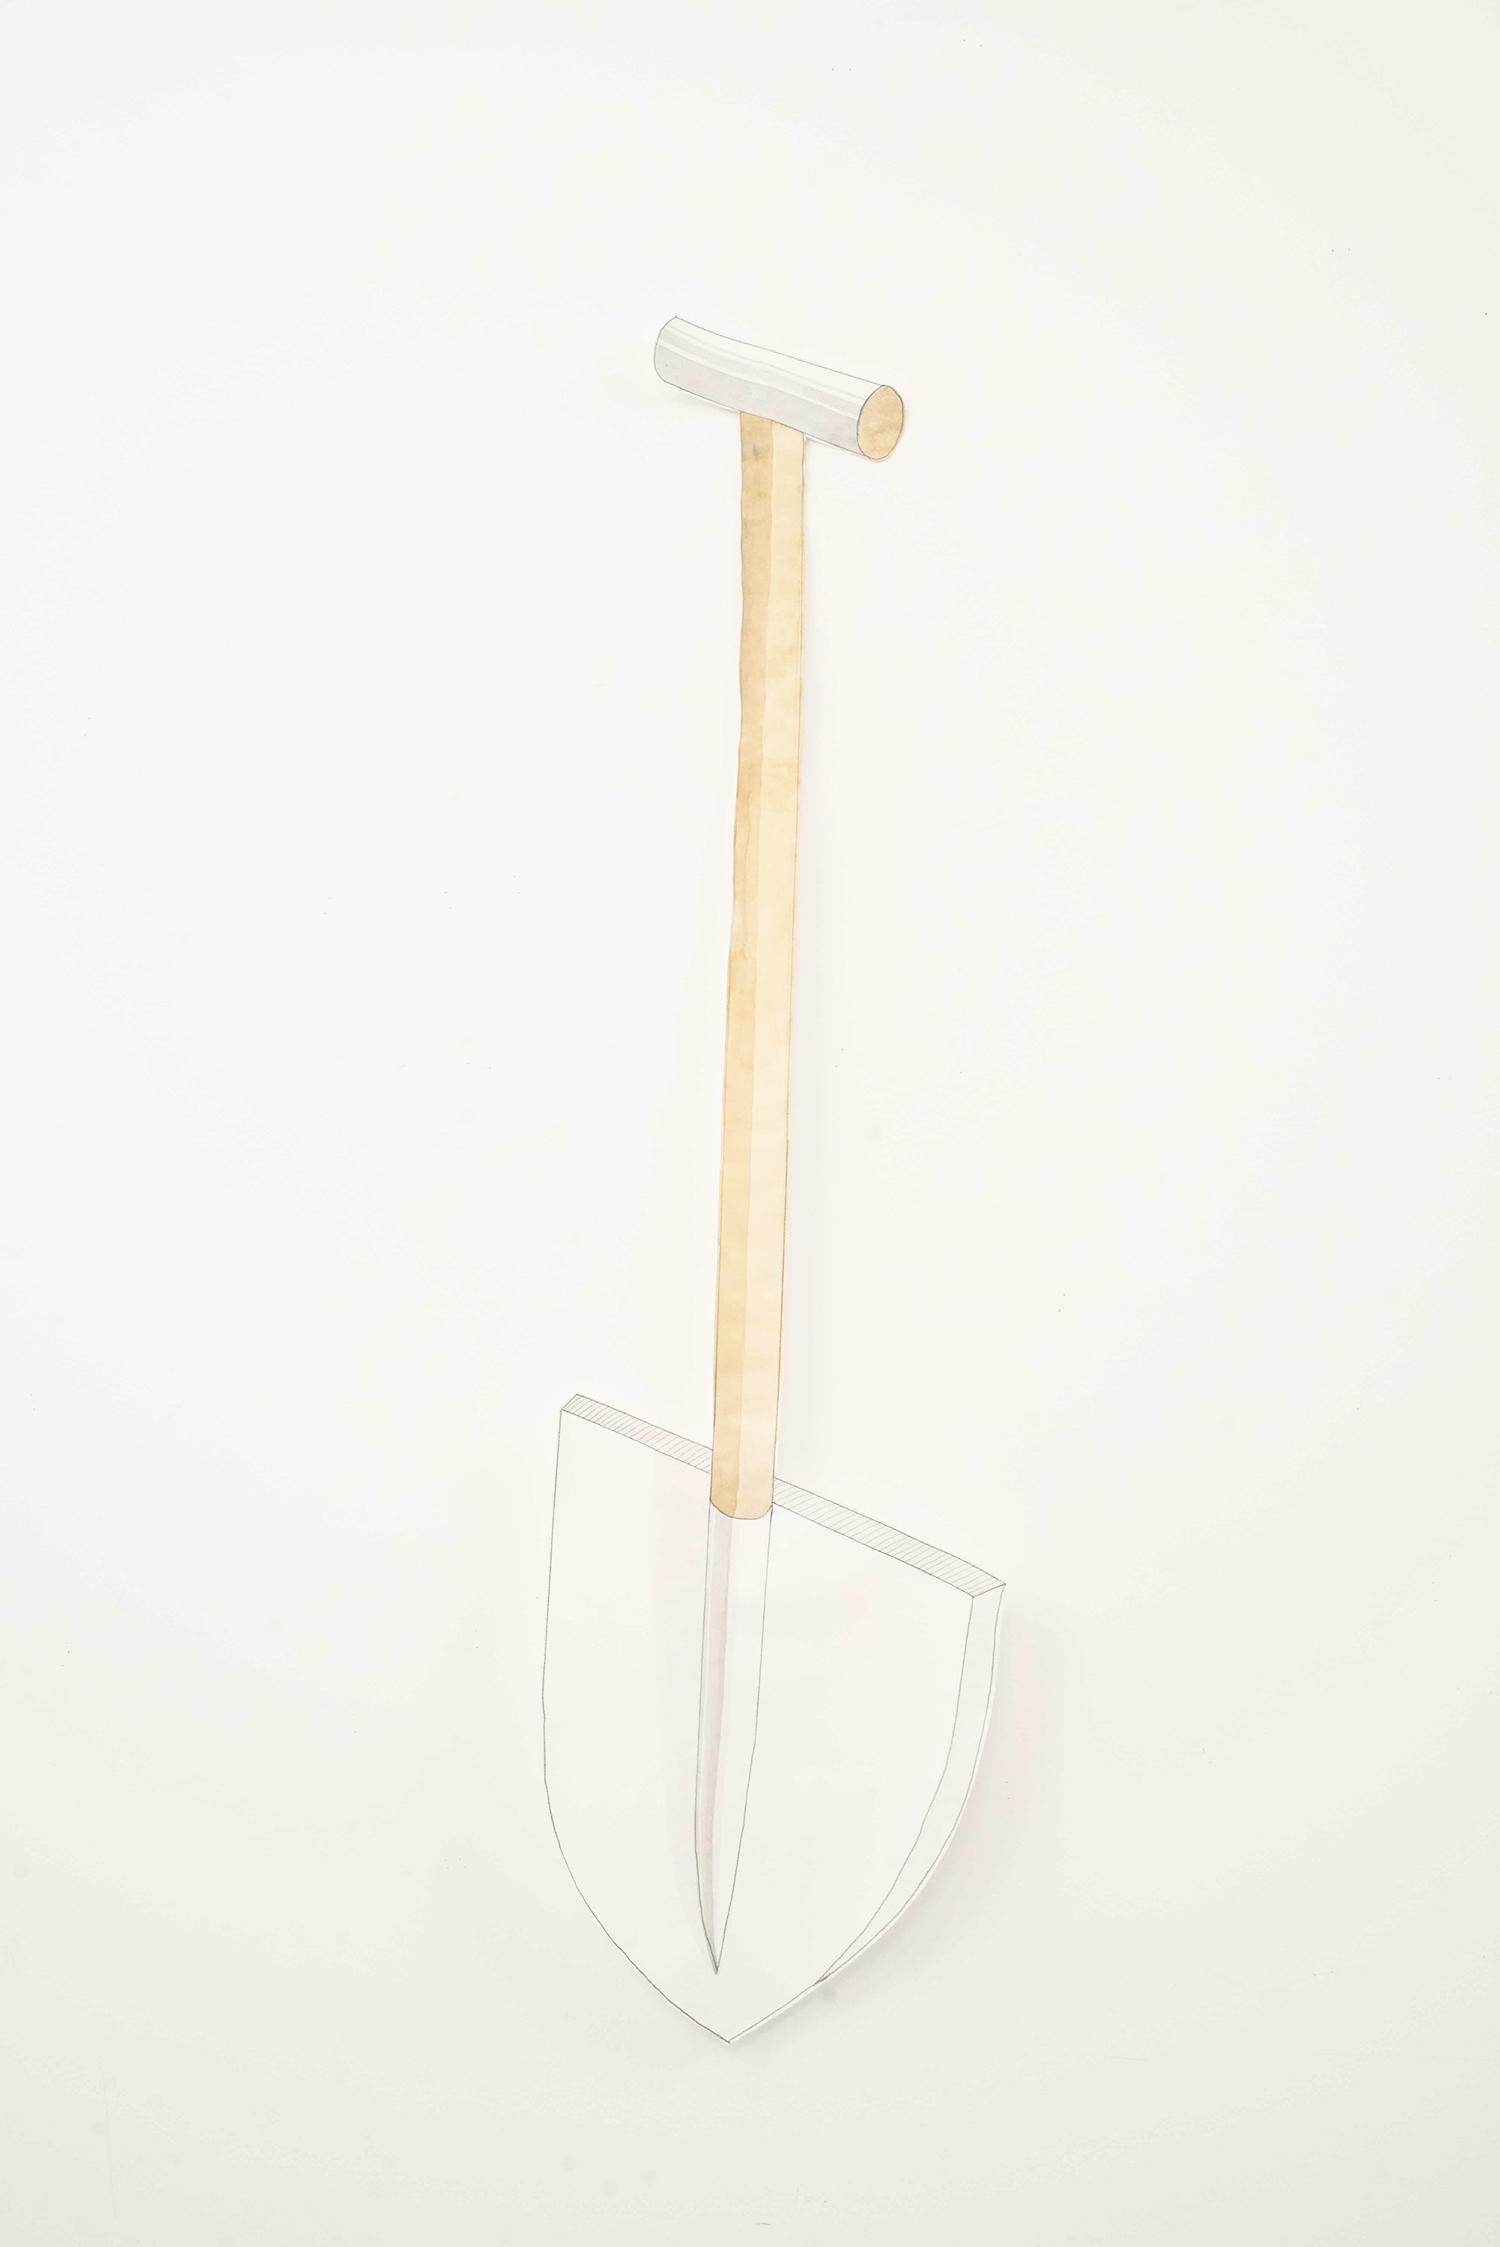 Shovel, 2014, Watecolour, pencil, paper, 106.0 x 29.0 cm, Unique object